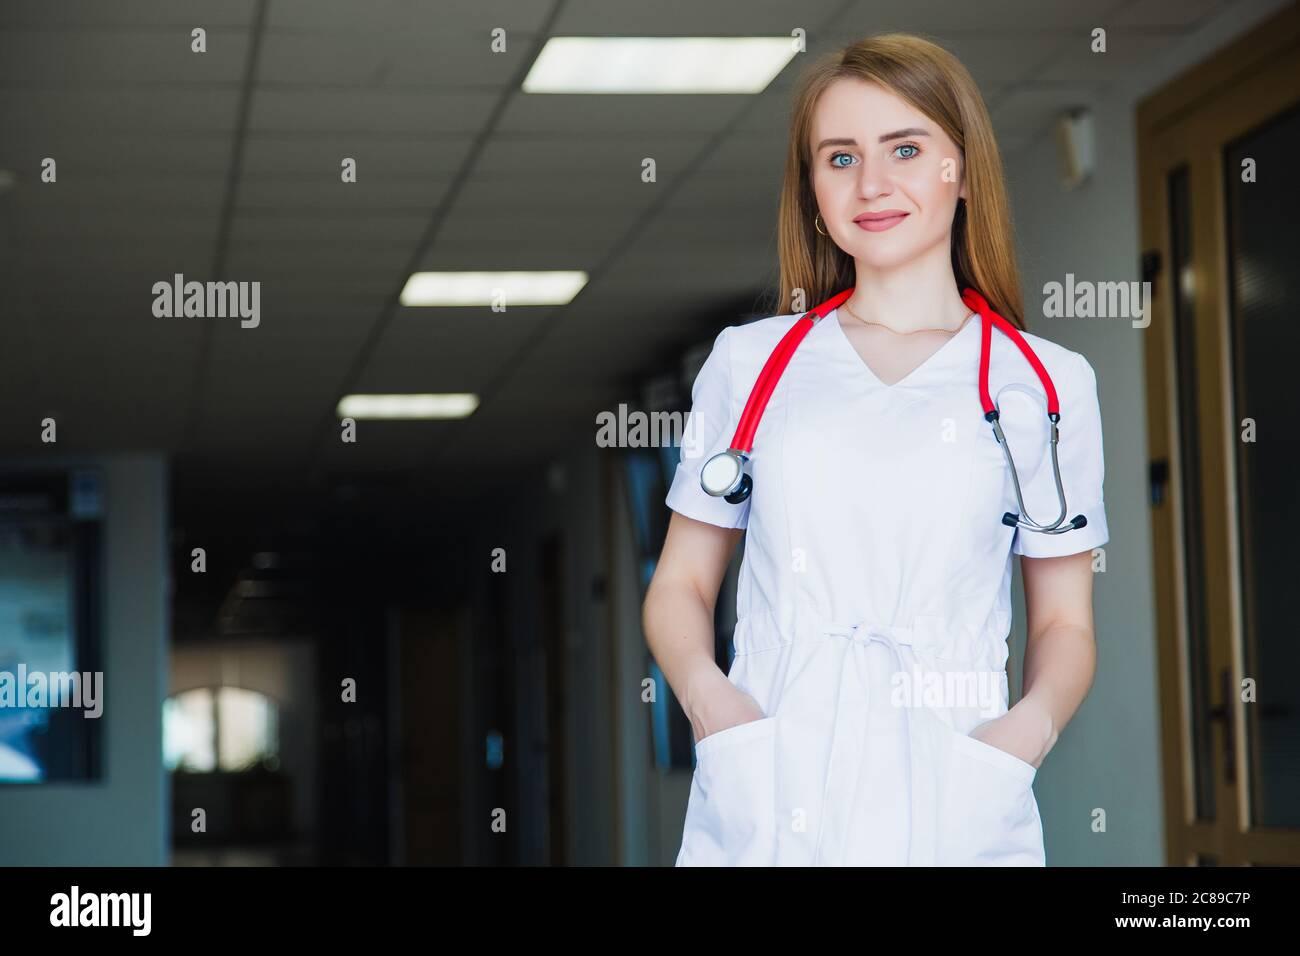 Estudiante de medicina sonriendo en la cámara de la universidad en un traje quirúrgico blanco. Foto de stock